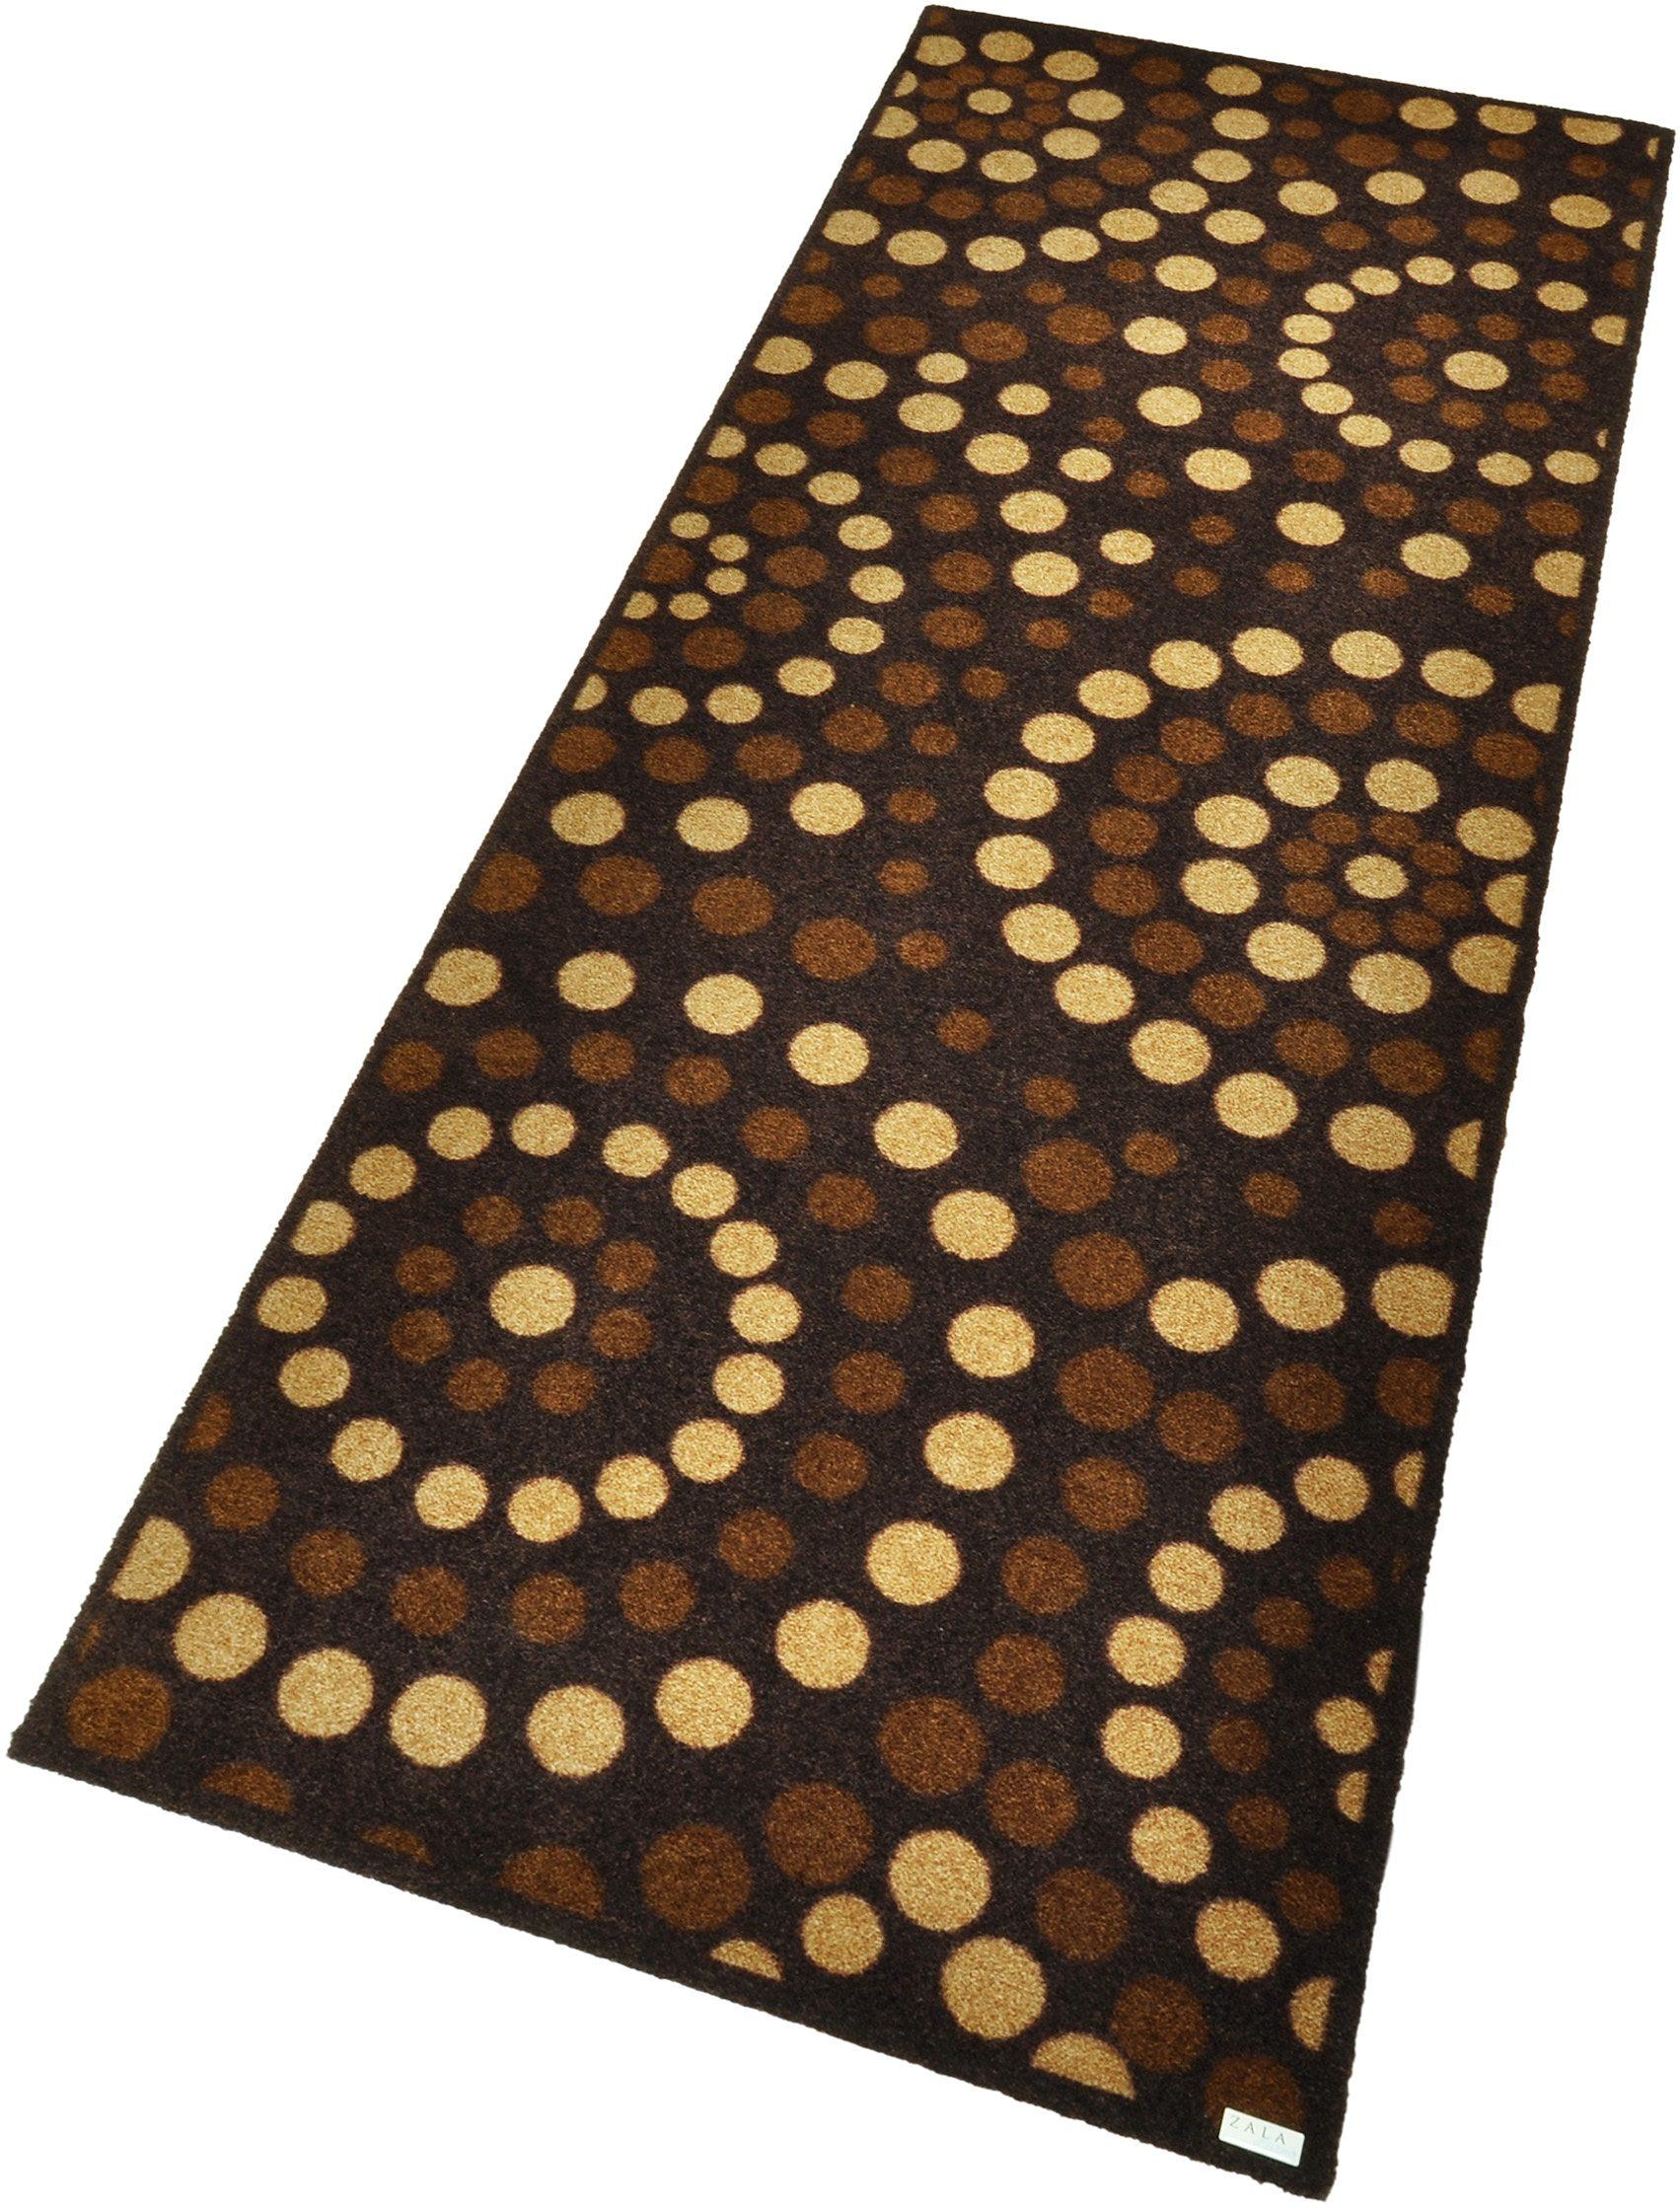 Teppich Dots Zala Living rechteckig Höhe 7 mm maschinell getuftet